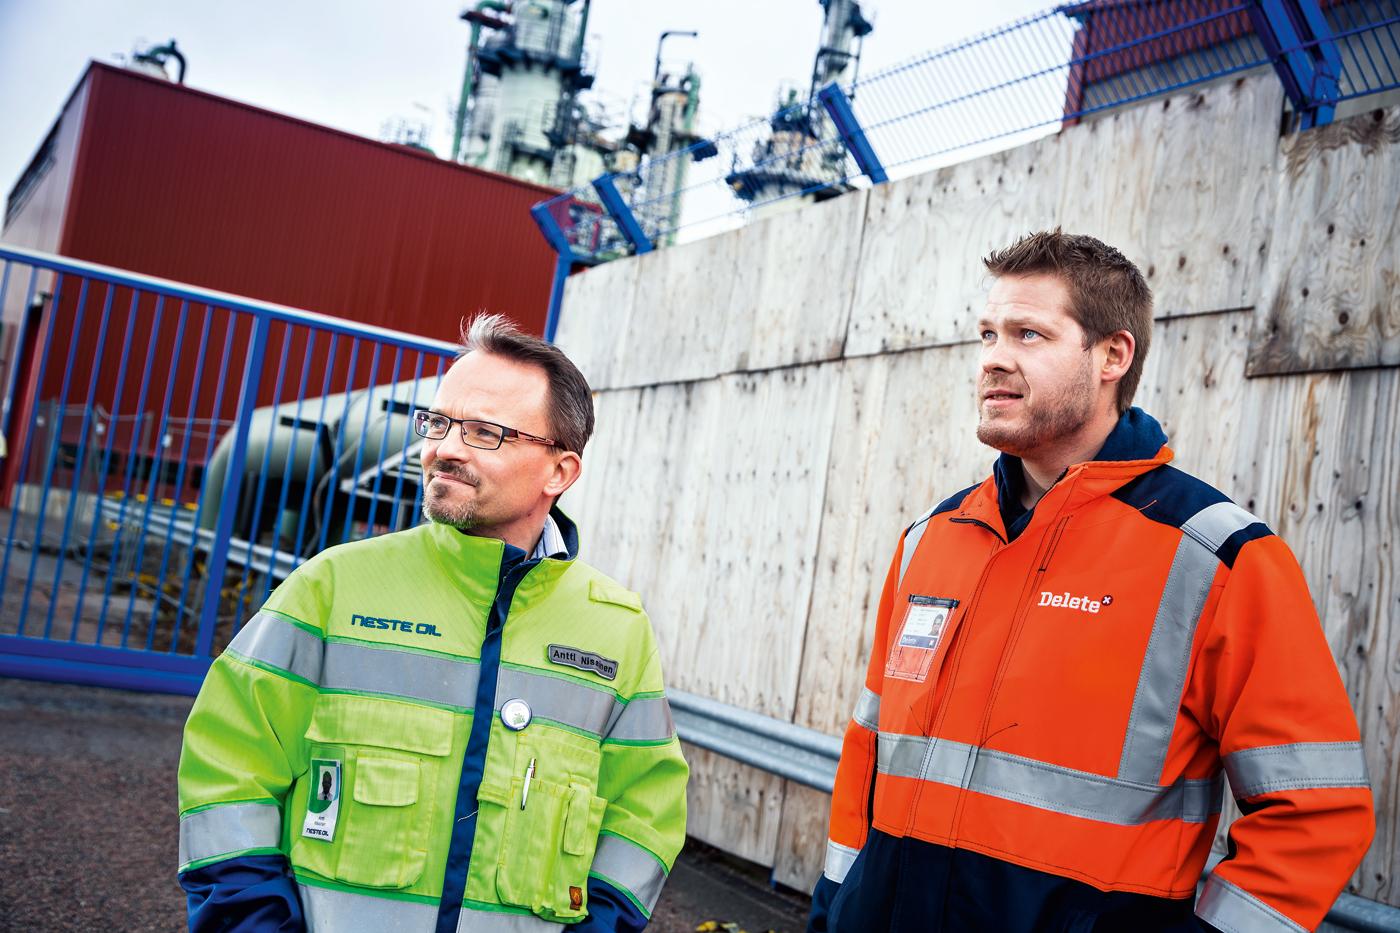 Deletes projektledare samtalar med ansvarig på Neste Oil.